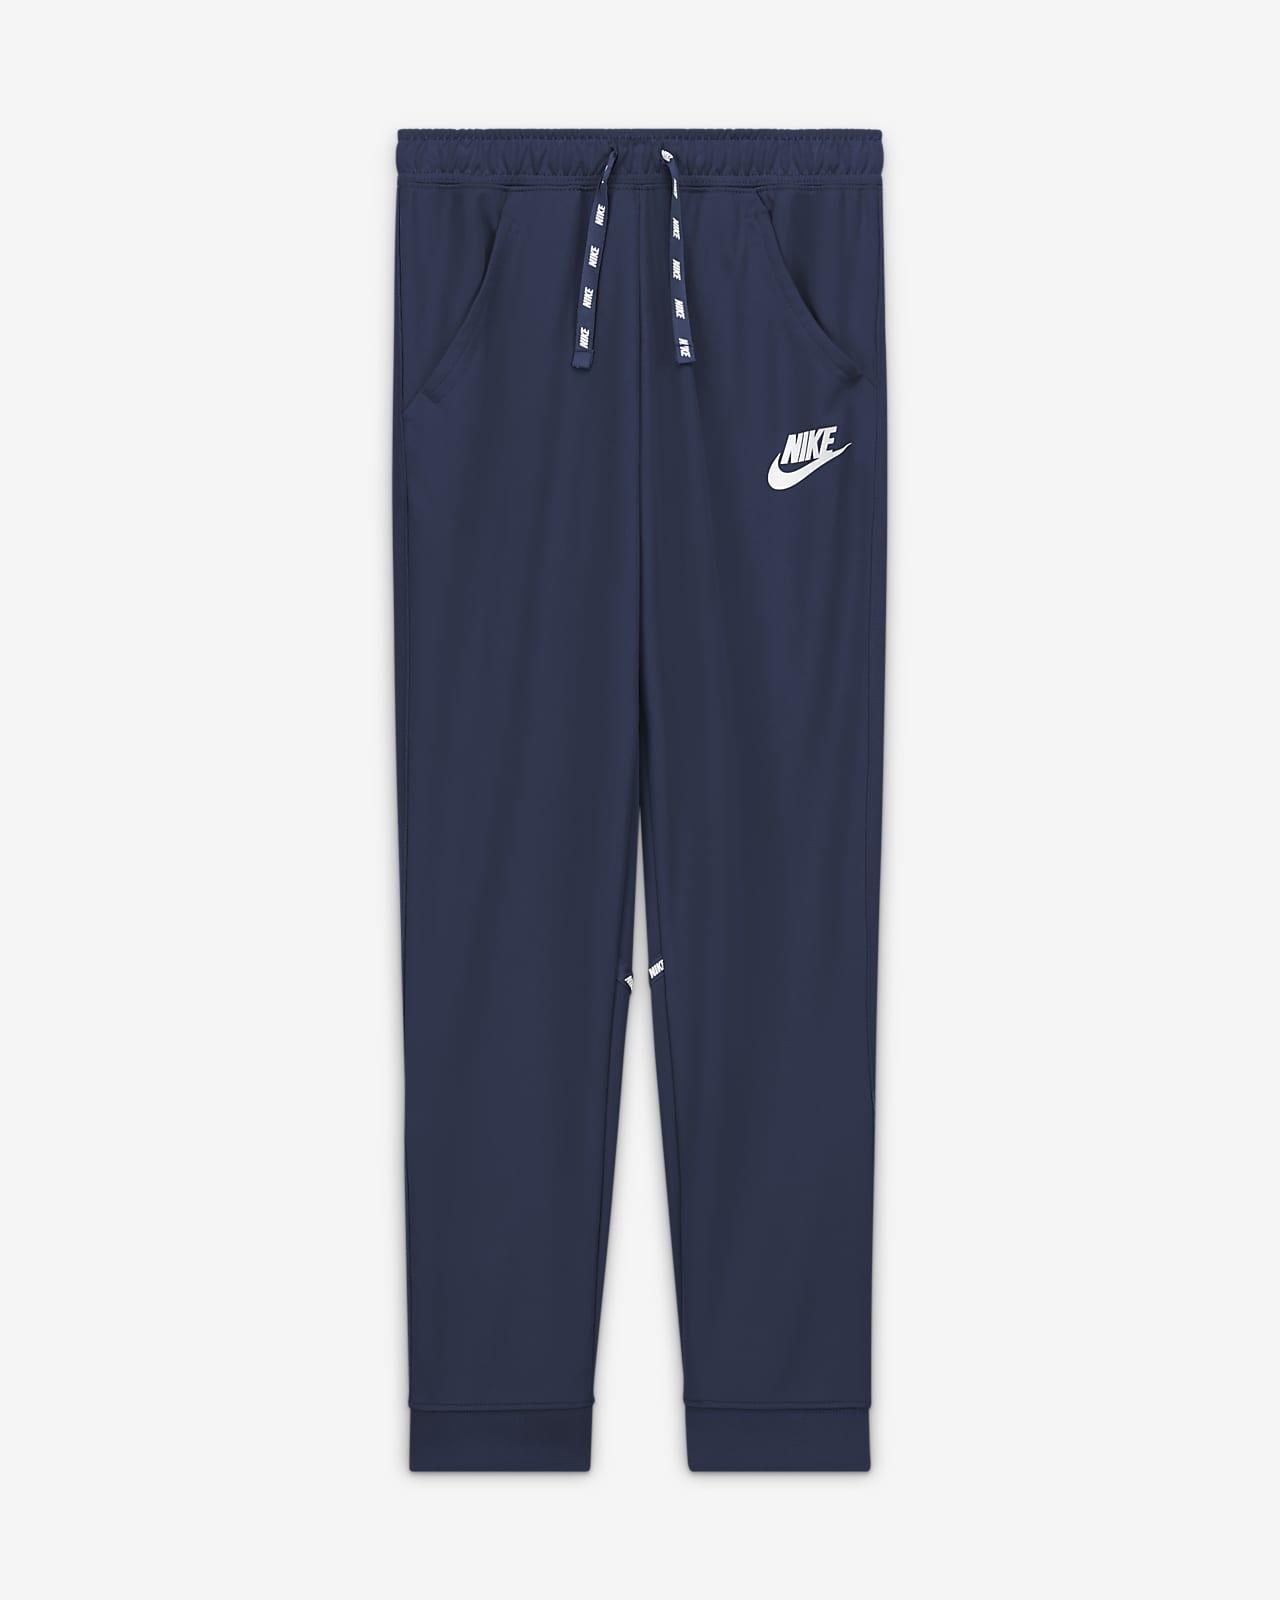 Nike Sportswear Bileğe Doğru Daralan Genç Çocuk (Erkek) Eşofman Altı